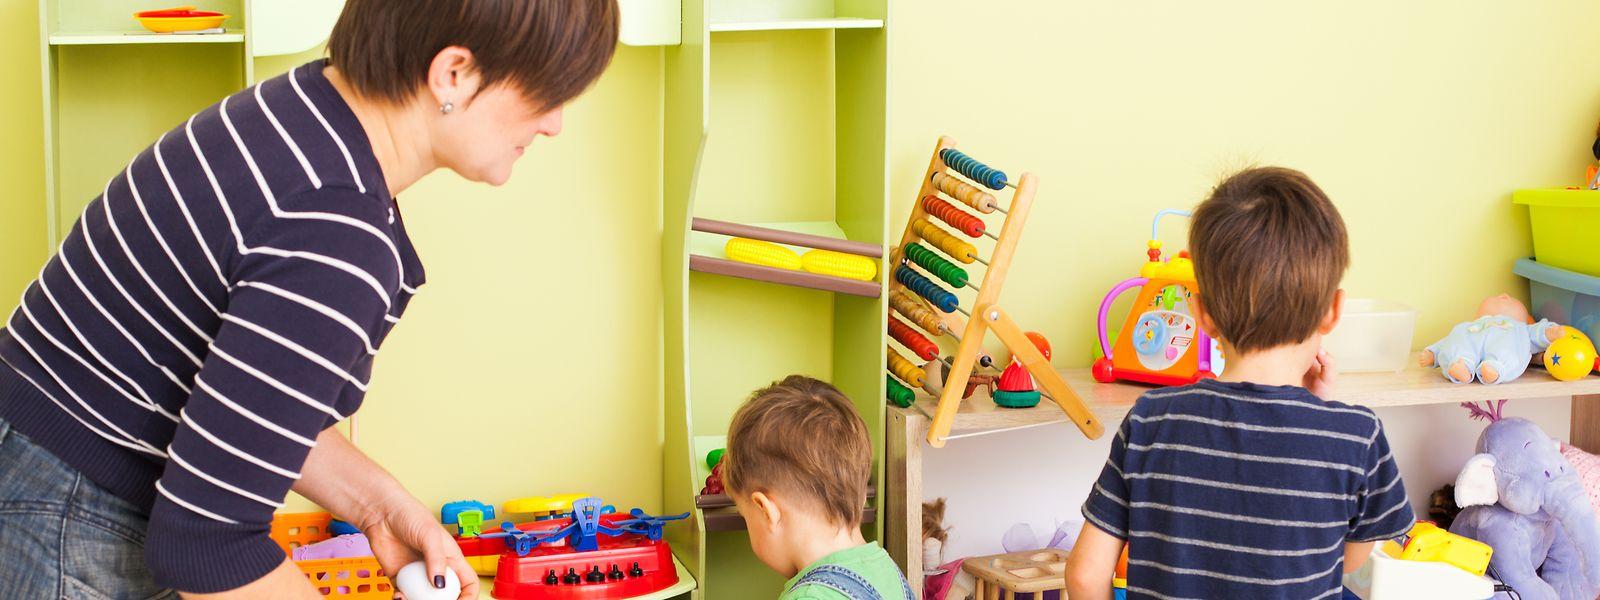 Les jouets préférés de chaque enfant sont désormais soigneusement séparés et rangés dans des bacs différents